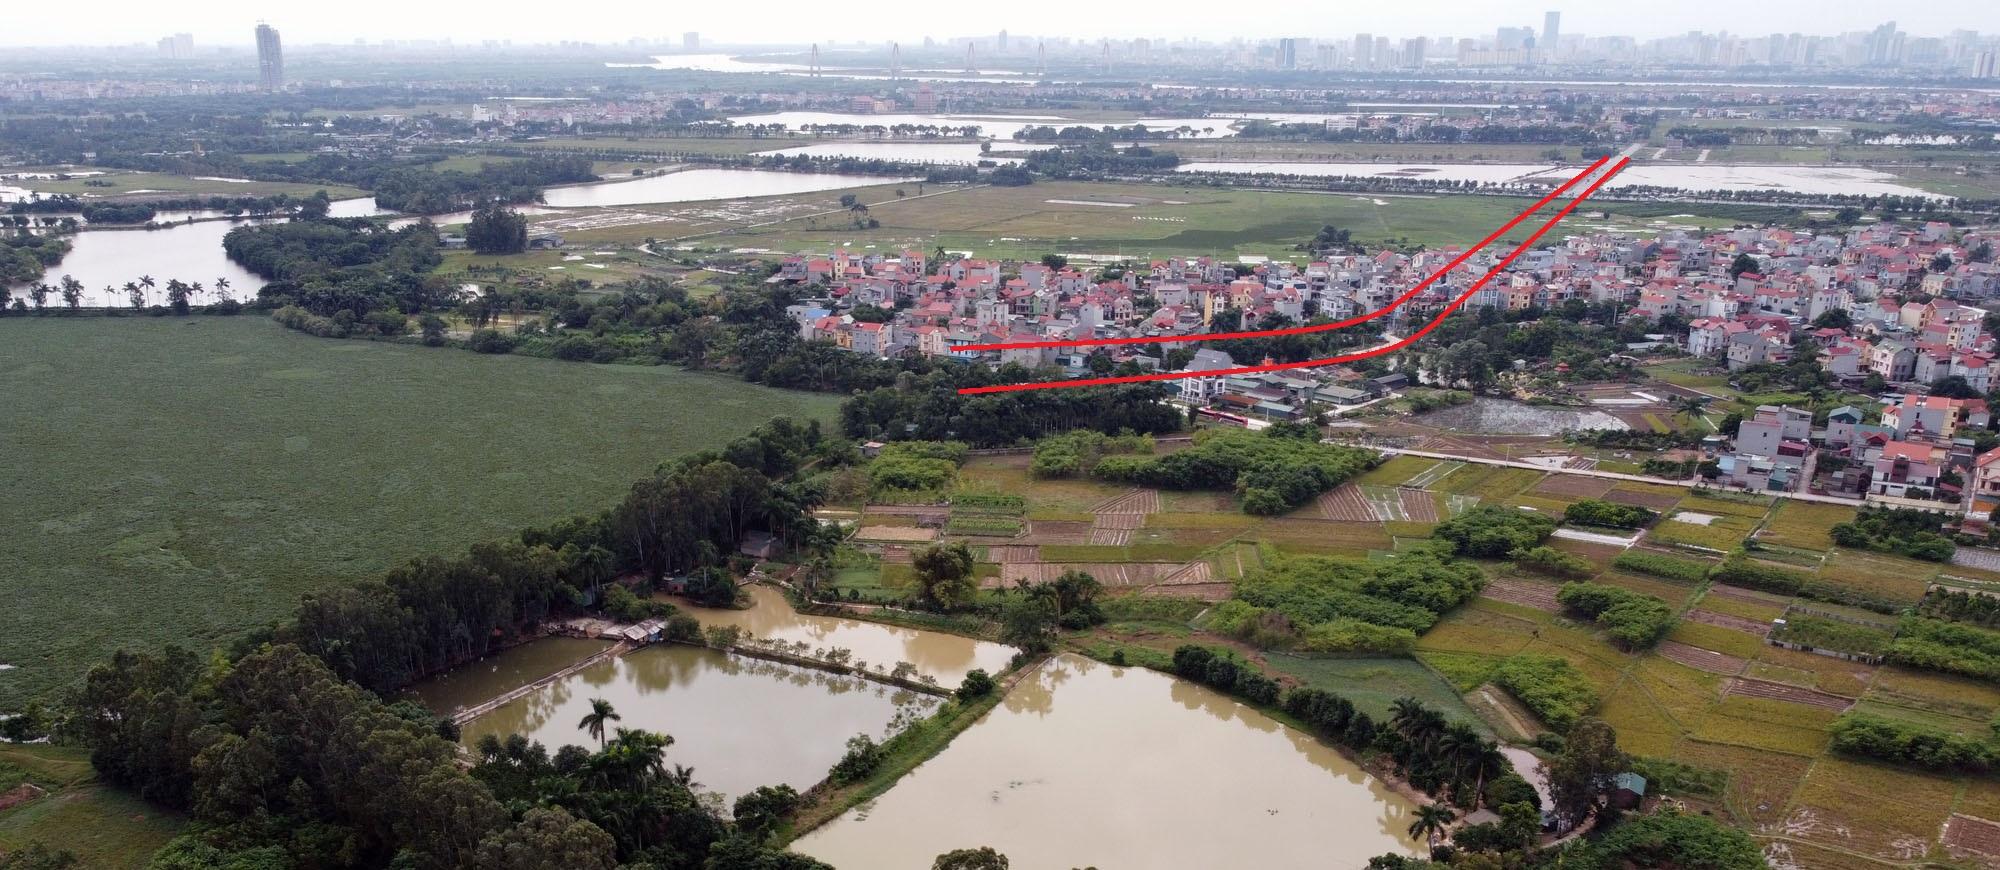 đường sẽ mở theo qui hoạch ở xã Kim Nỗ, Đông Anh, Hà Nội - Ảnh 11.